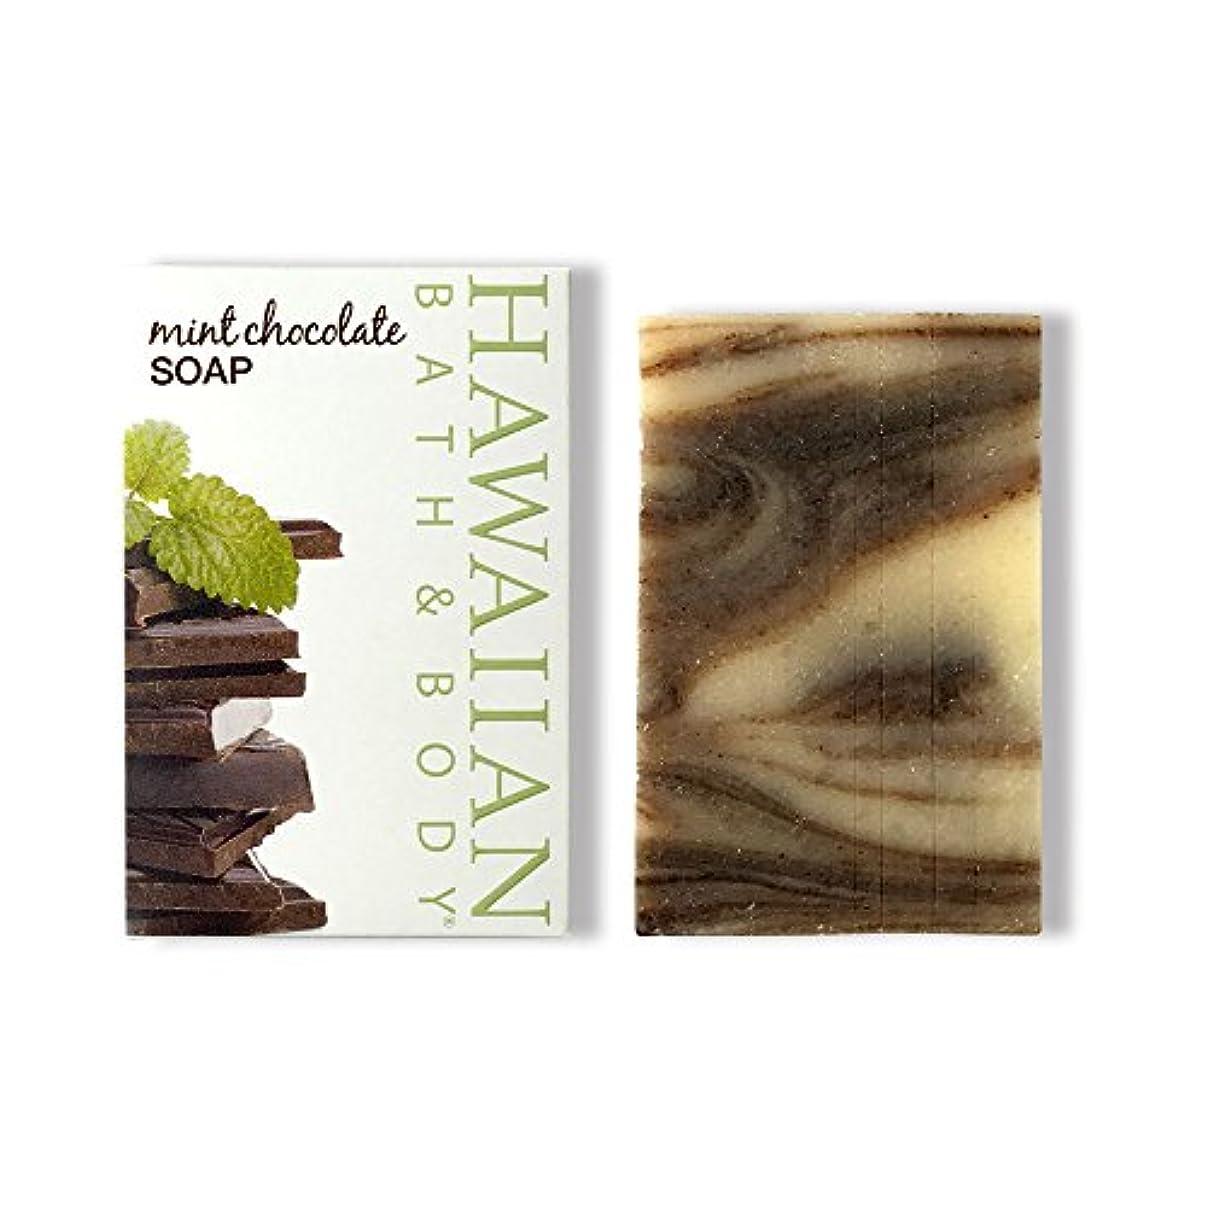 ラフ睡眠本能見出しハワイアンバス&ボディ ハワイアン?ミントチョコレートソープ ( Hawaii Mint Chocolate Soap )